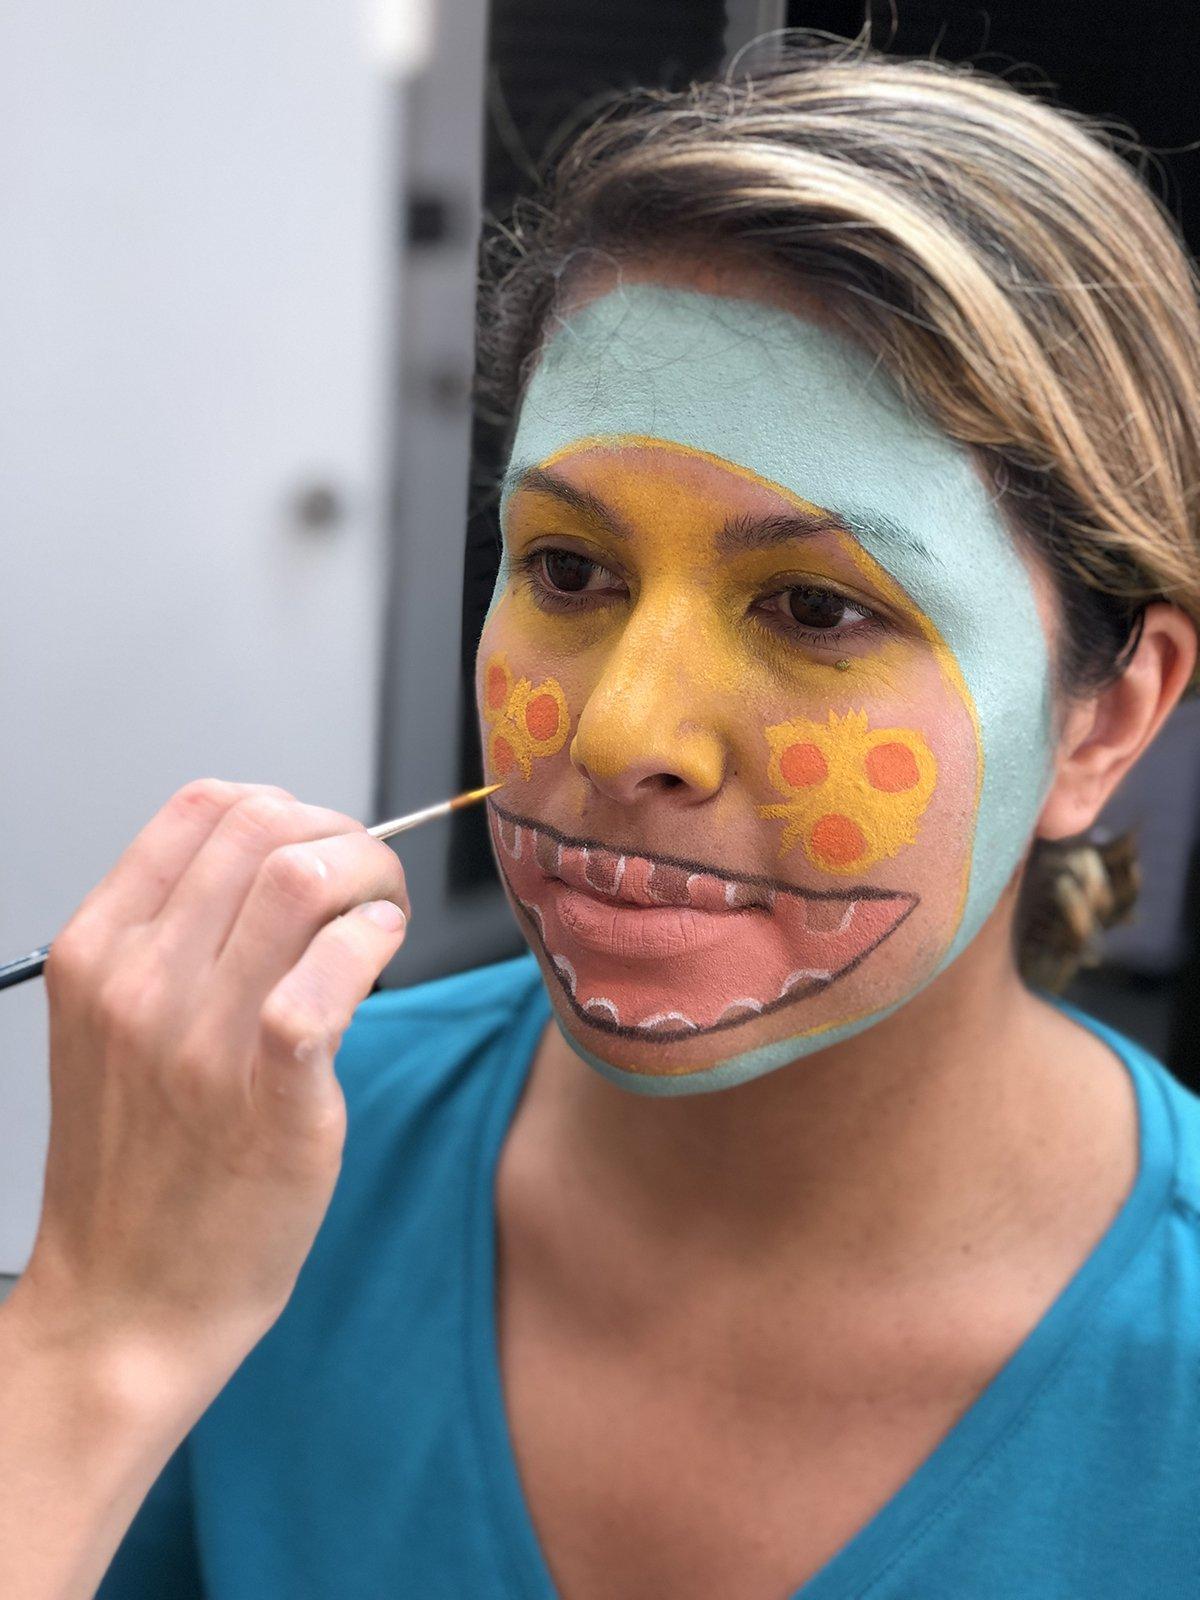 pintura facial halloween monstro3 - Pintura de rosto de Halloween - Monstro